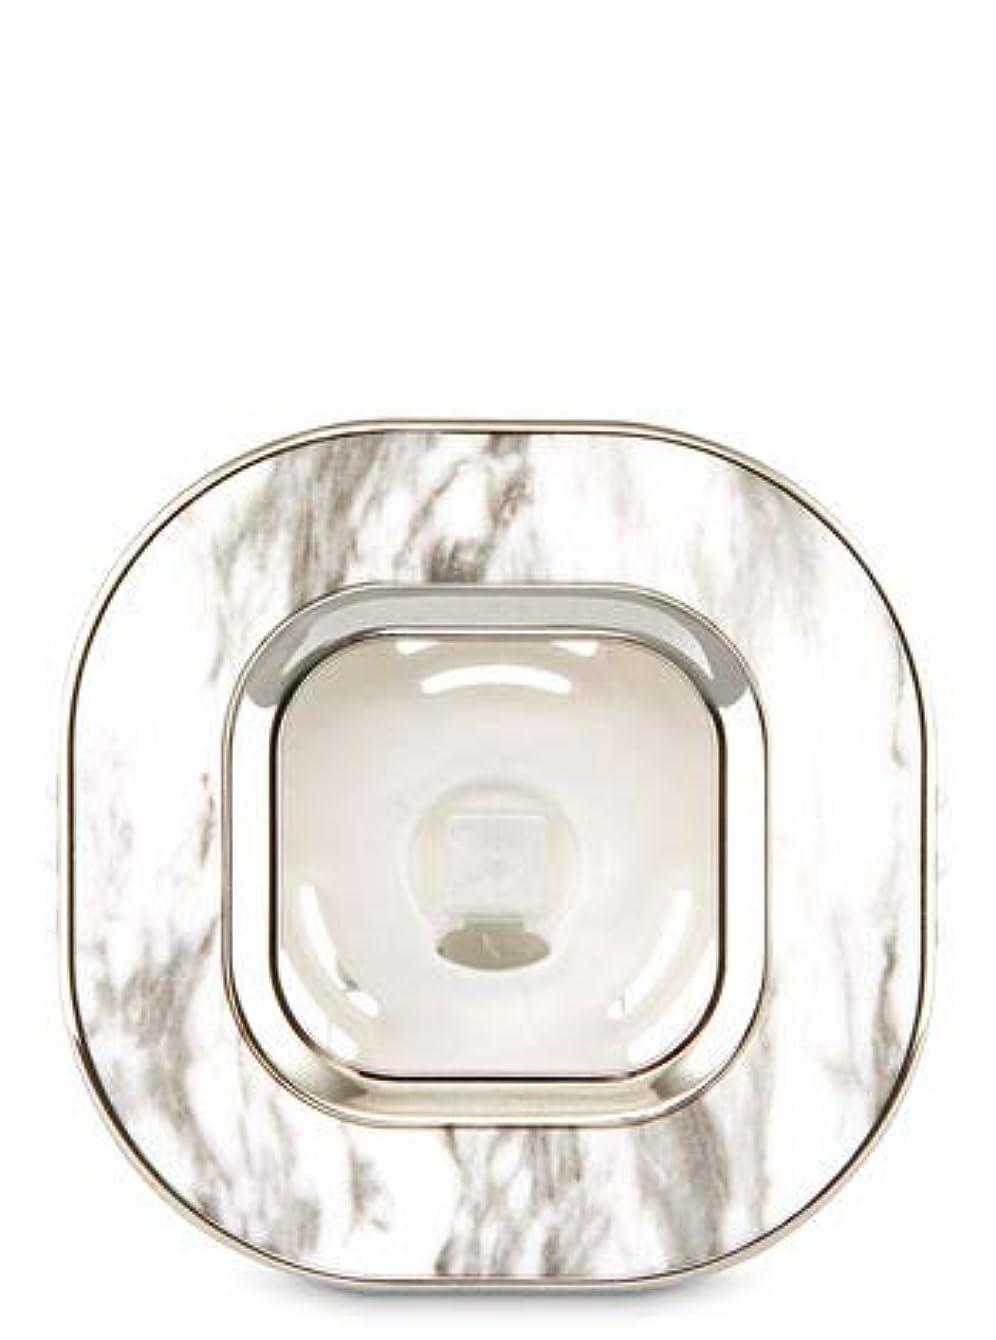 大学生ラウンジアクセスできない【Bath&Body Works/バス&ボディワークス】 車用芳香剤 セントポータブル ホルダー (本体ケースのみ) マーブルスクエアー Scentportable Holder Marble Square Vent Clip [並行輸入品]